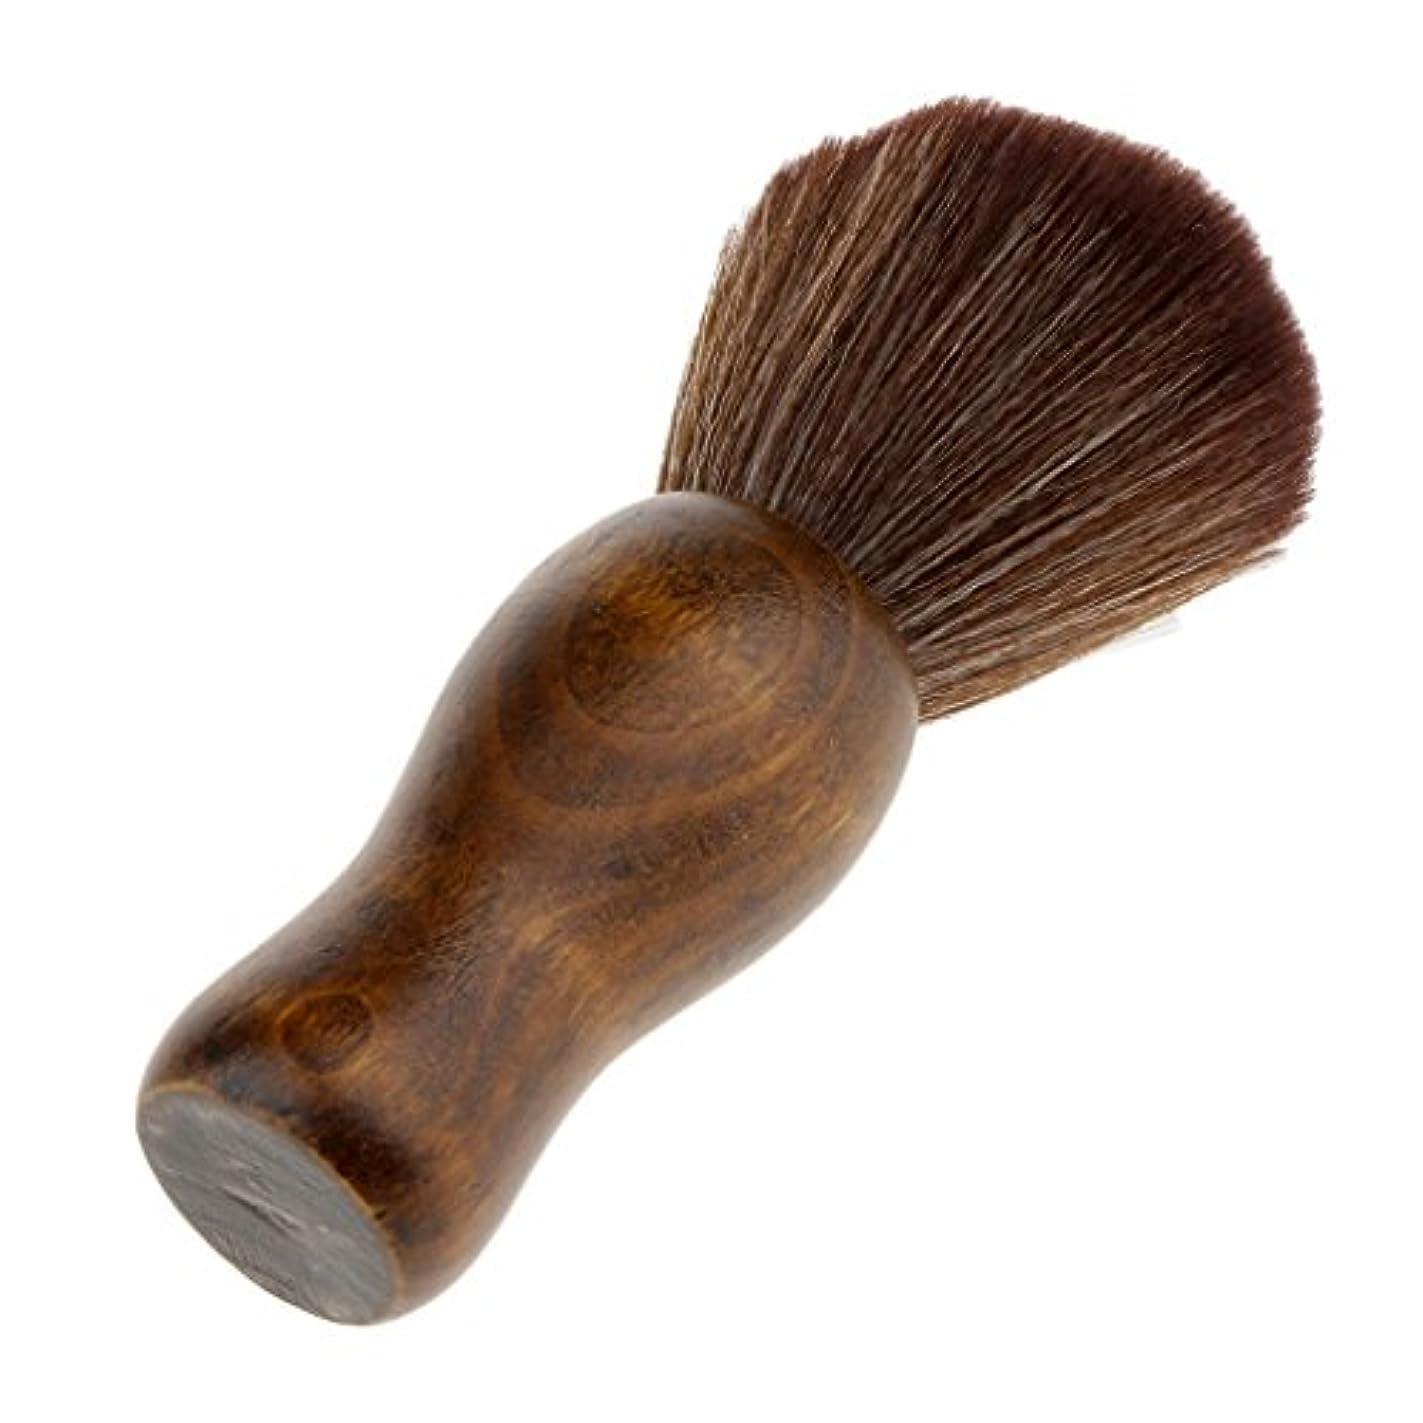 打撃エキサイティング特許Kesoto シェービングブラシ ソフトファイバー シェービング ブラシ 化粧ブラシ ルースパウダー メイクブラシ 木製 2色選べる - 褐色